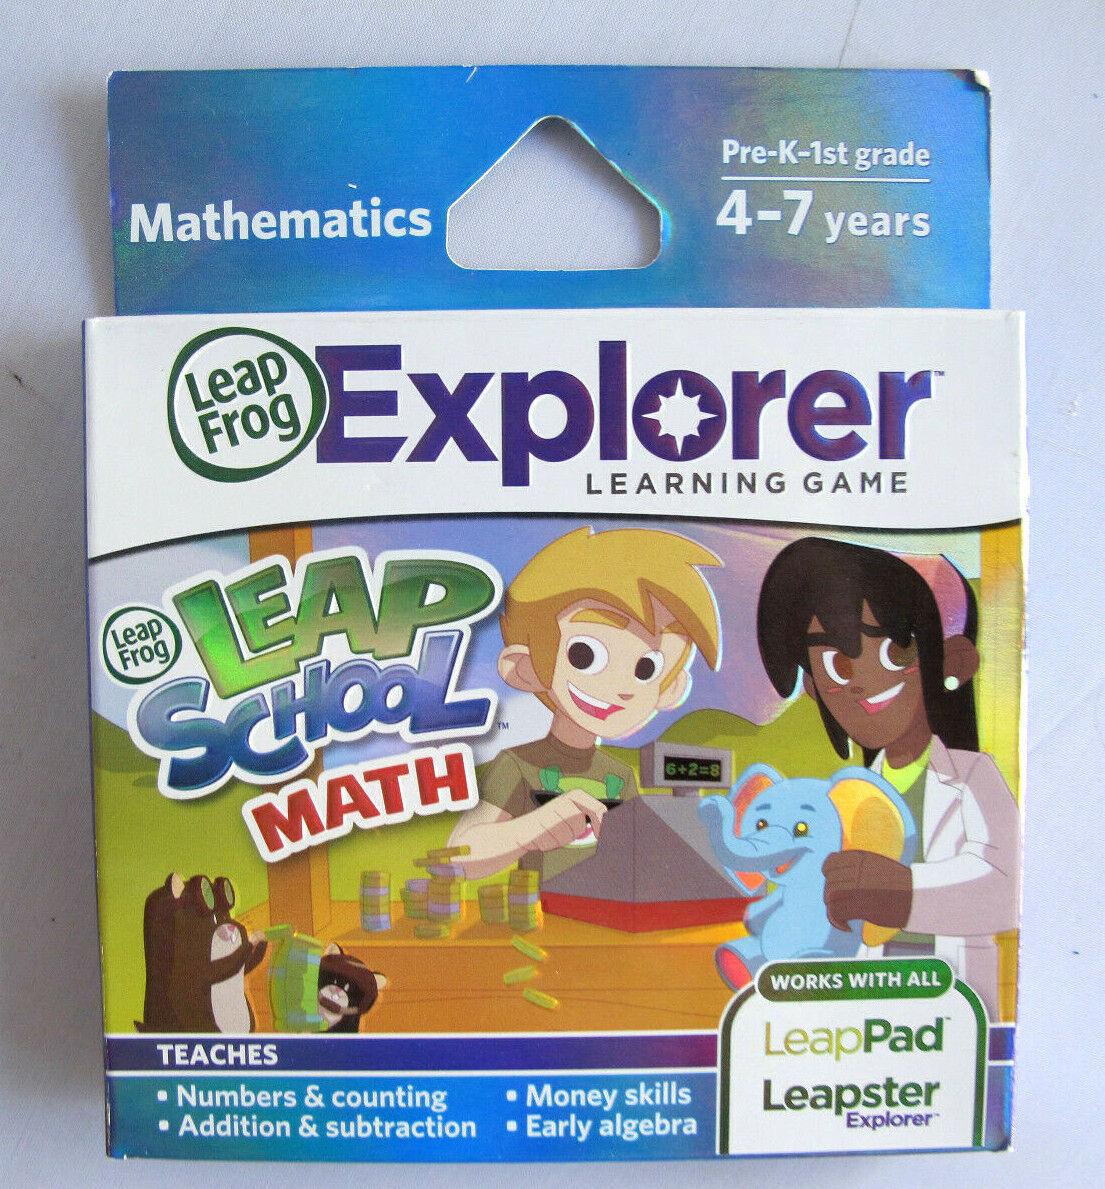 LeapFrog LeapSchool Math Learning Game